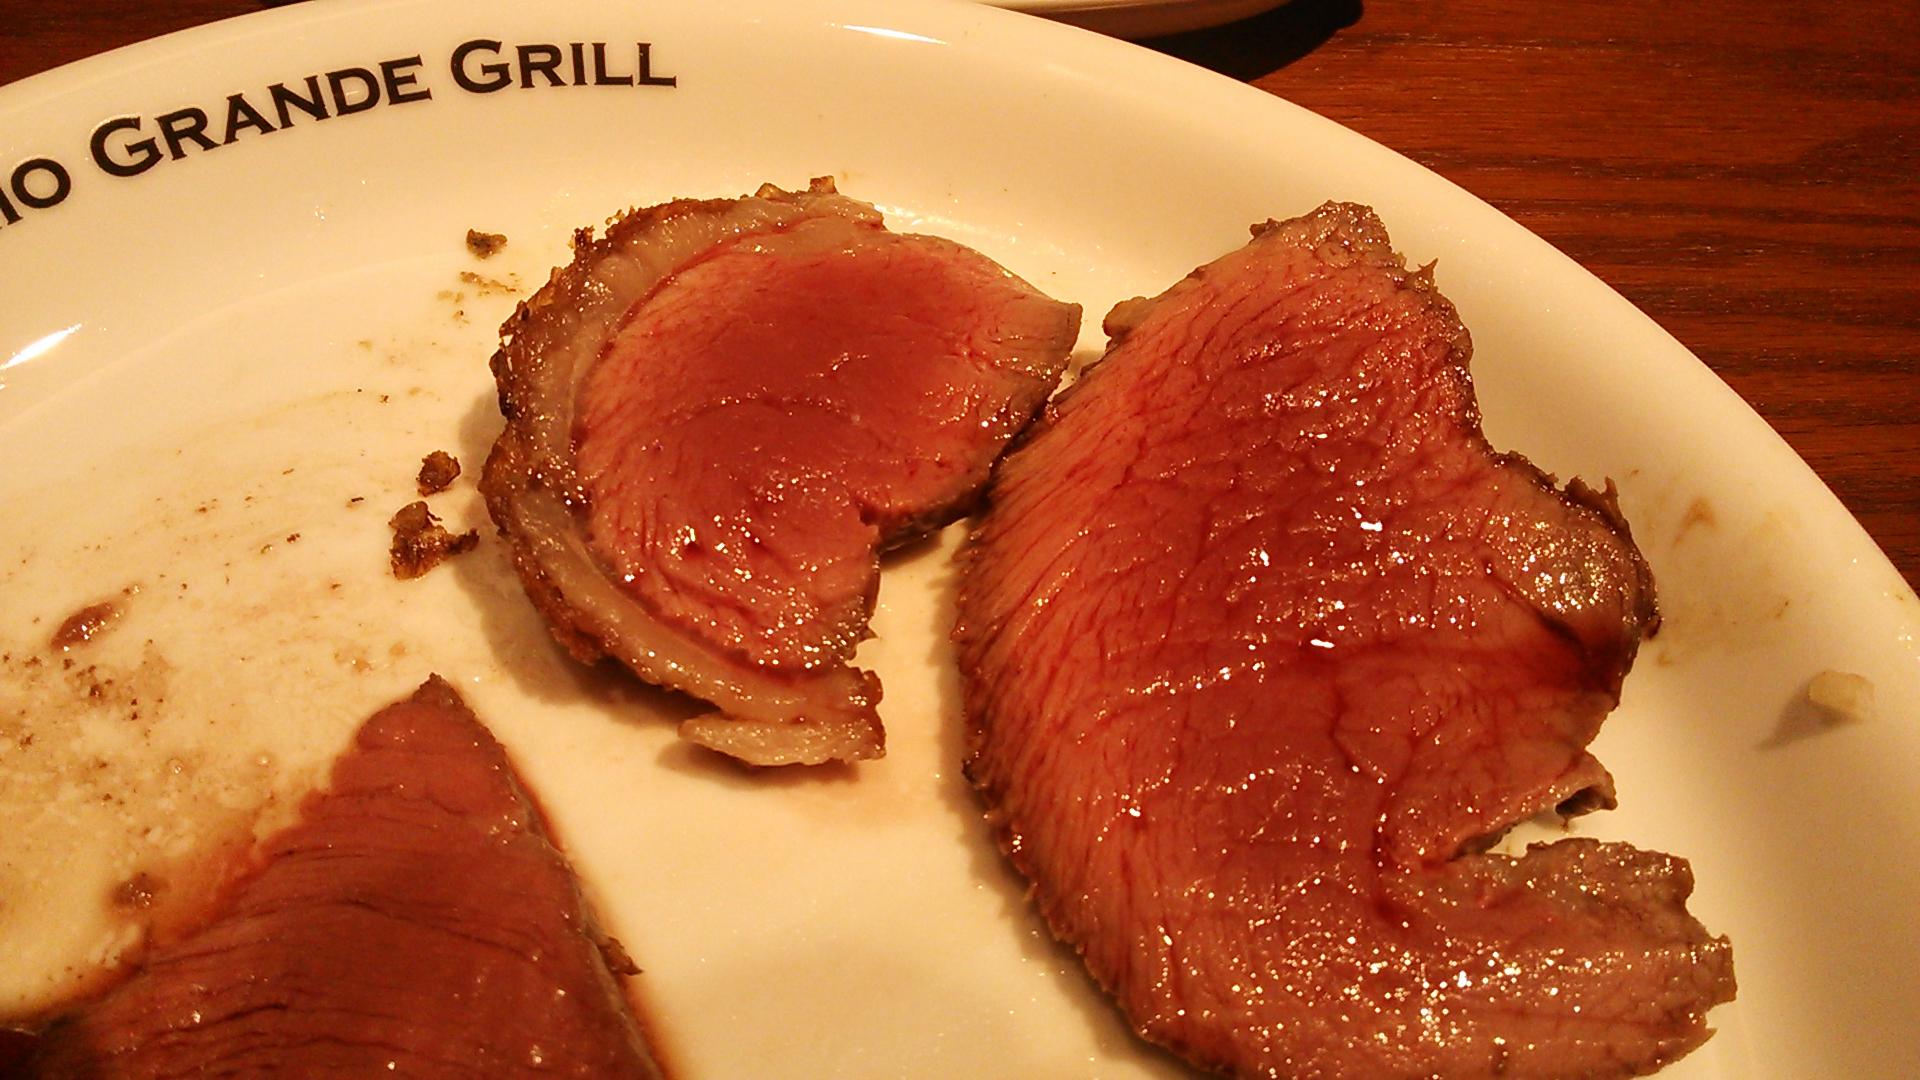 リオグランデグリル肉②